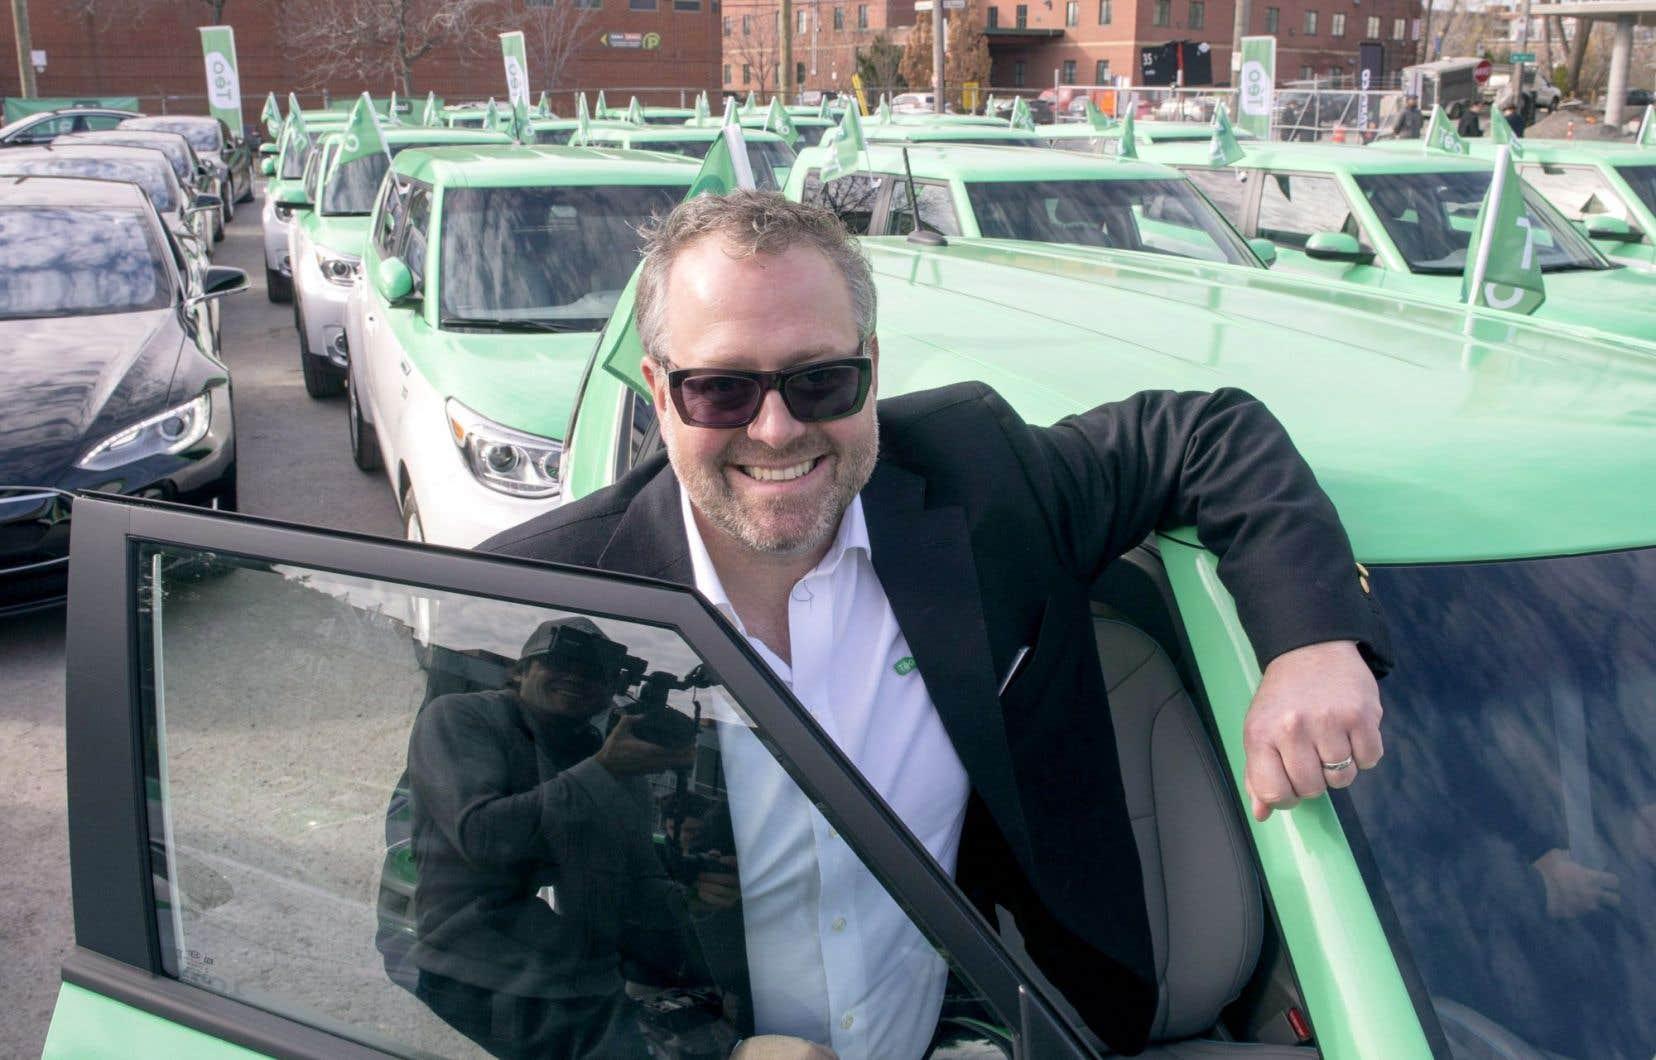 Alexandre Taillefer veut avoir 1000 véhicules dans les rues de Montréal d'ici 2017, et 2000 avant la fin de 2019.